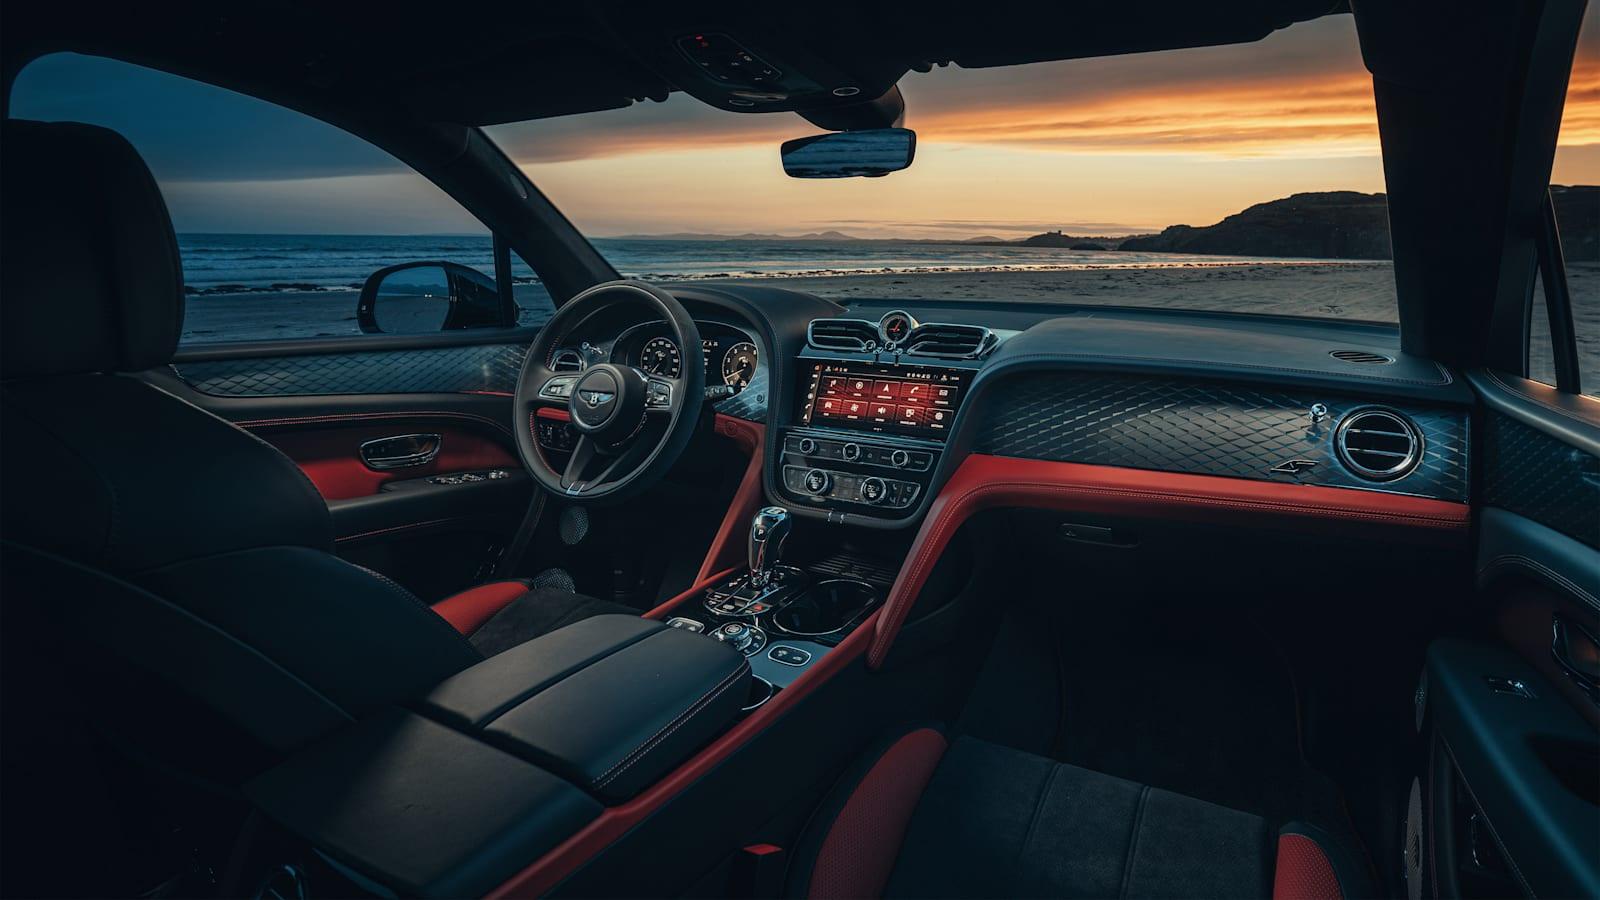 Bentley giới thiệu Bentayga S làm chân chạy cho nhà giàu - 3